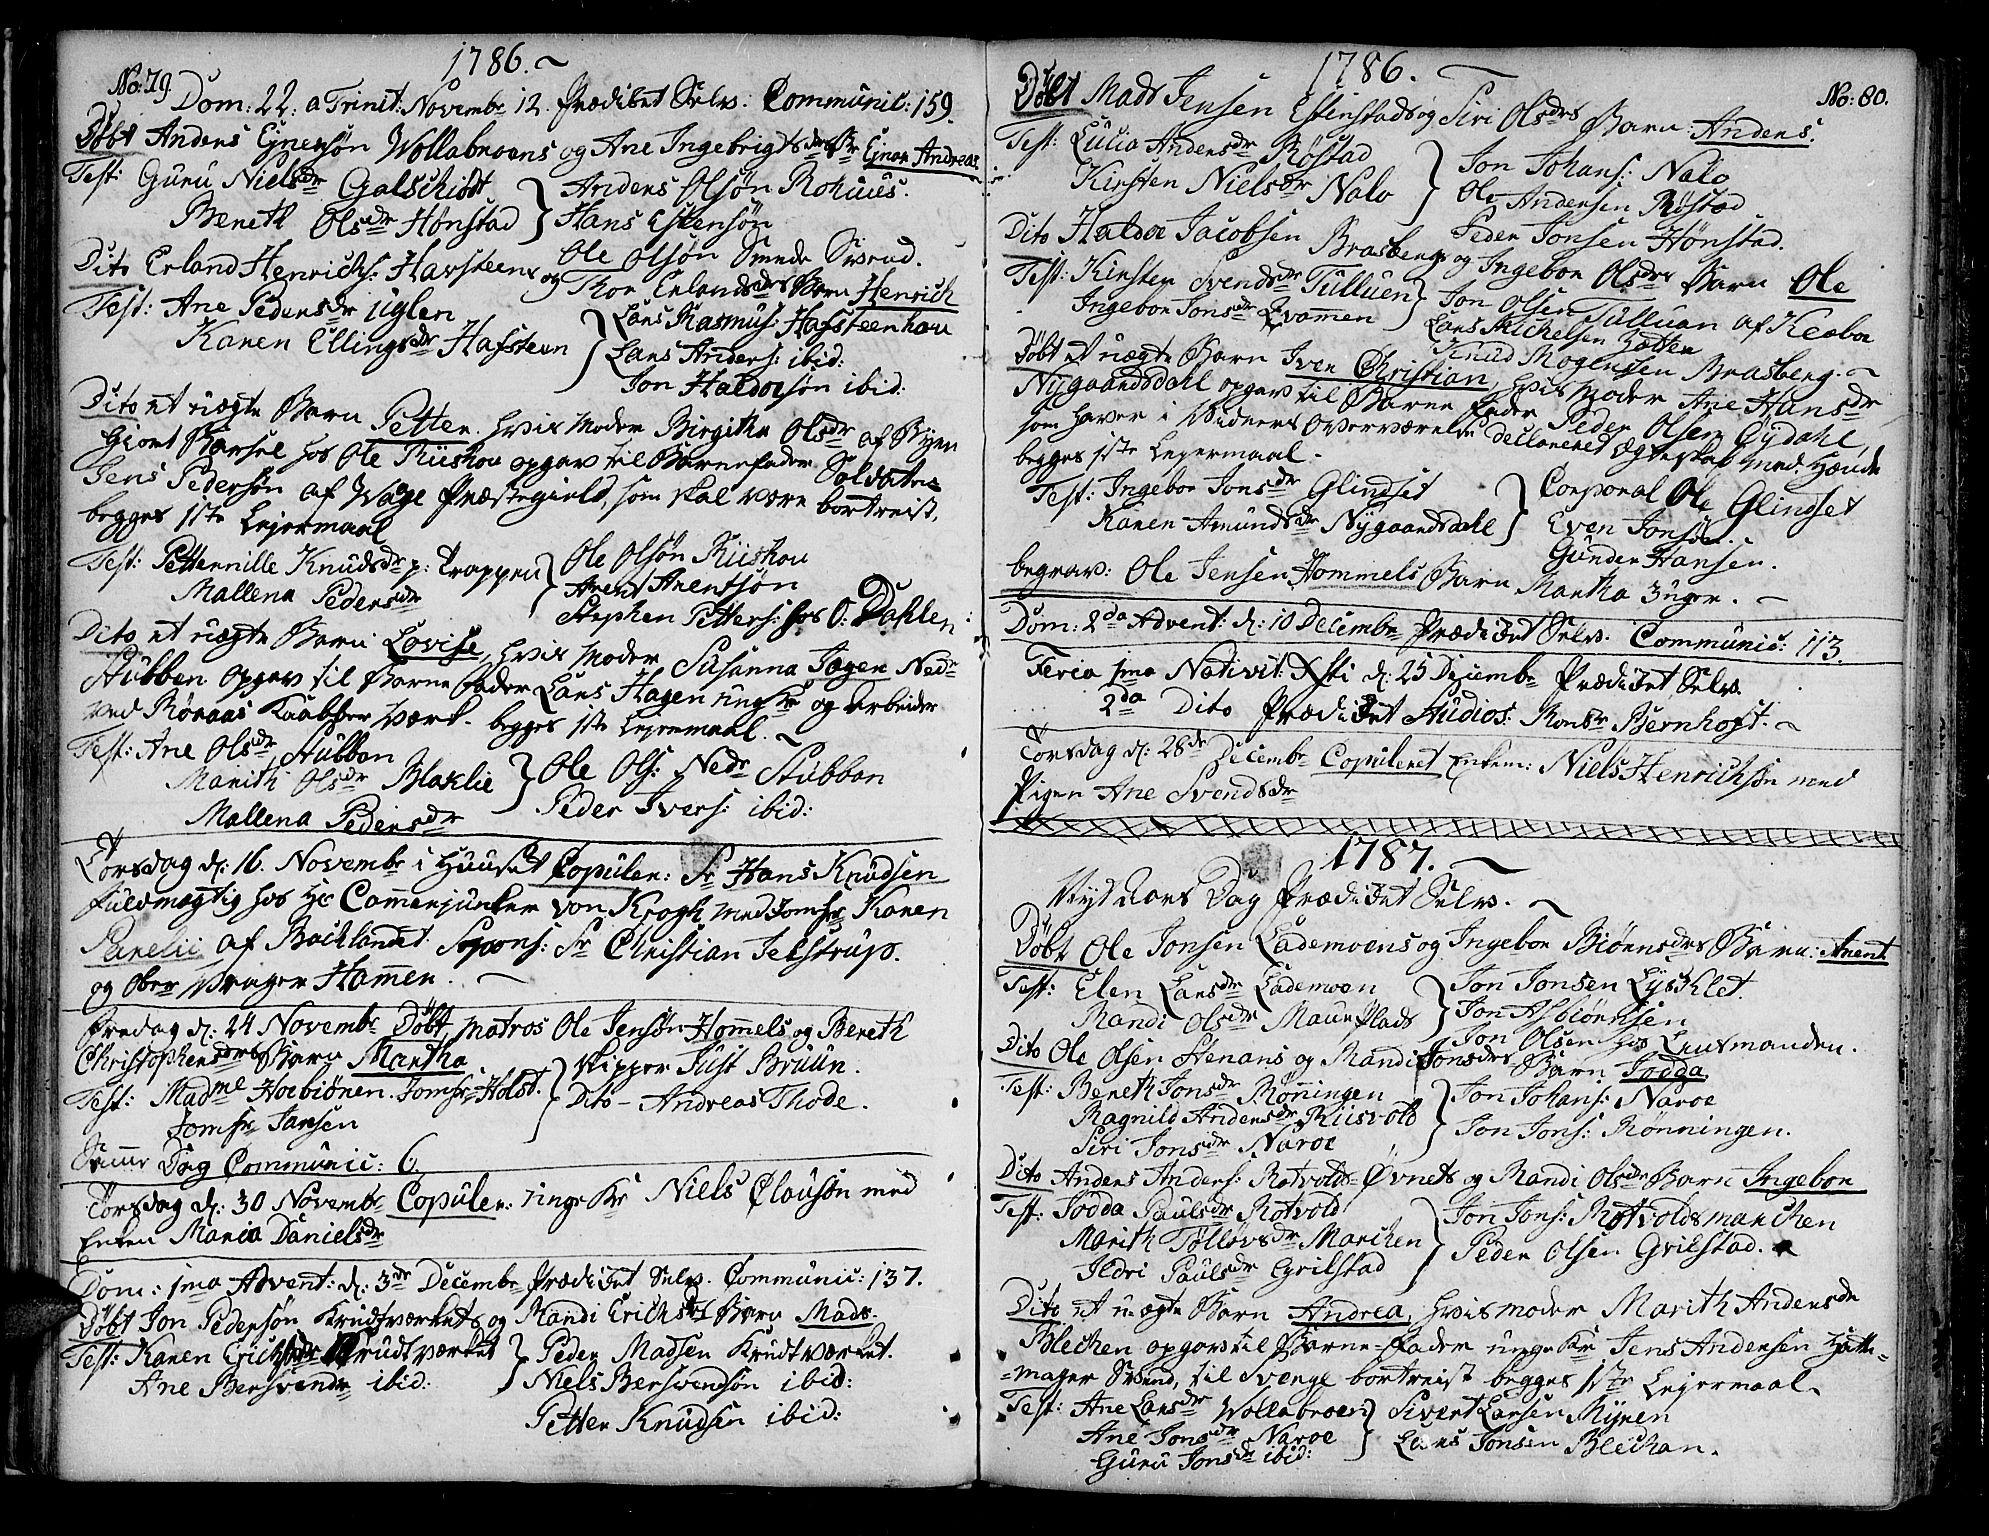 SAT, Ministerialprotokoller, klokkerbøker og fødselsregistre - Sør-Trøndelag, 604/L0180: Ministerialbok nr. 604A01, 1780-1797, s. 79-80